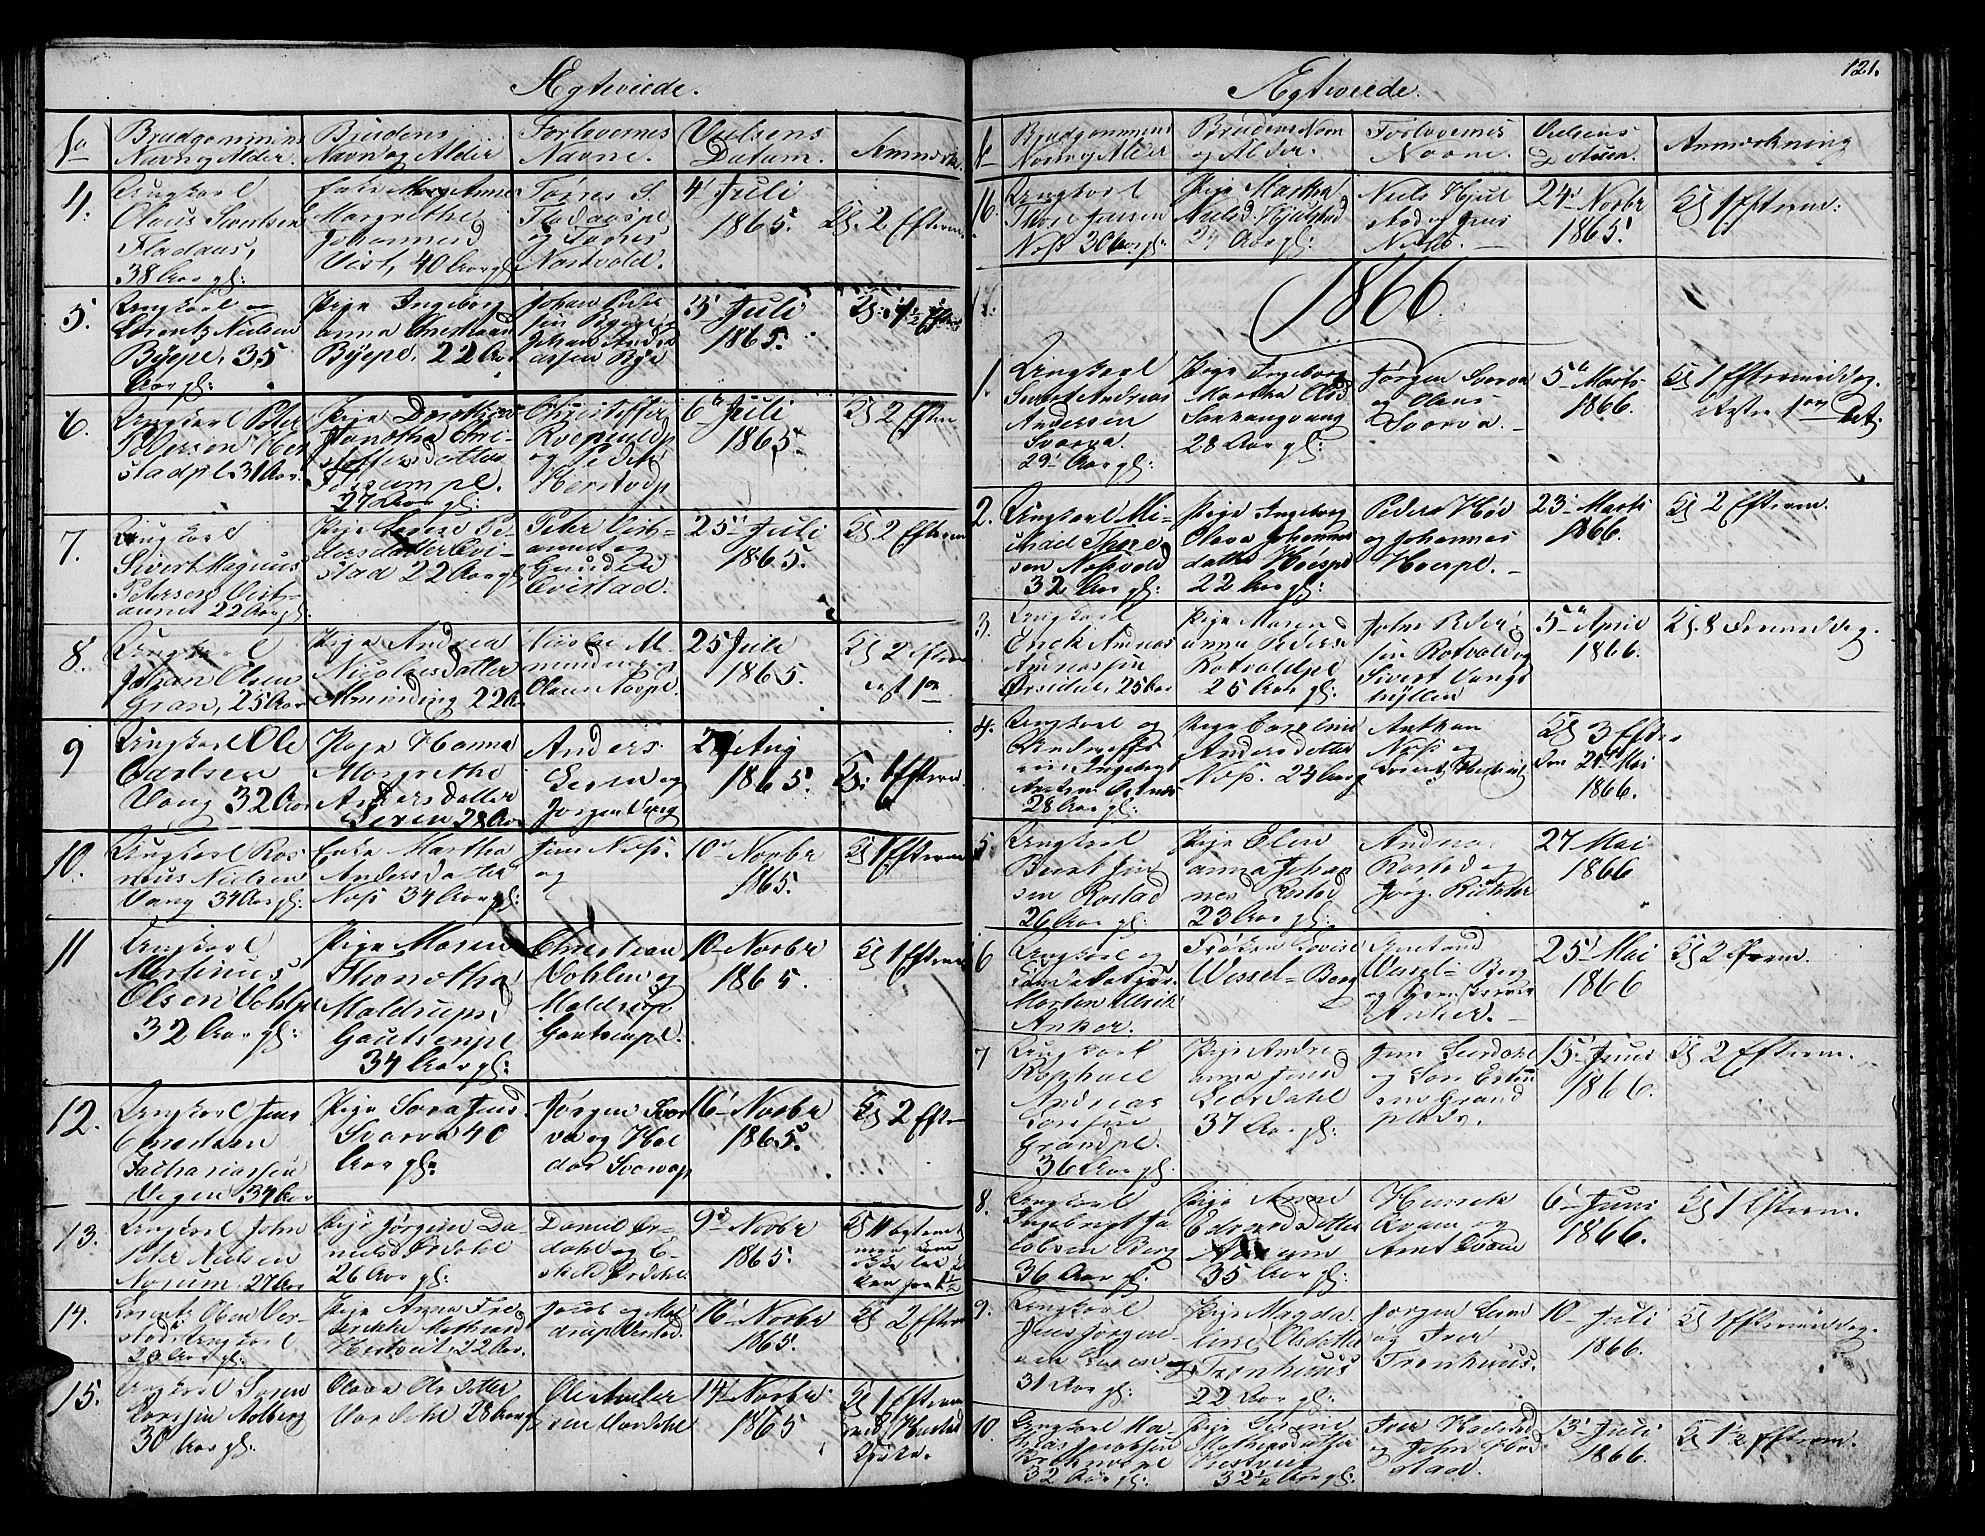 SAT, Ministerialprotokoller, klokkerbøker og fødselsregistre - Nord-Trøndelag, 730/L0299: Klokkerbok nr. 730C02, 1849-1871, s. 121